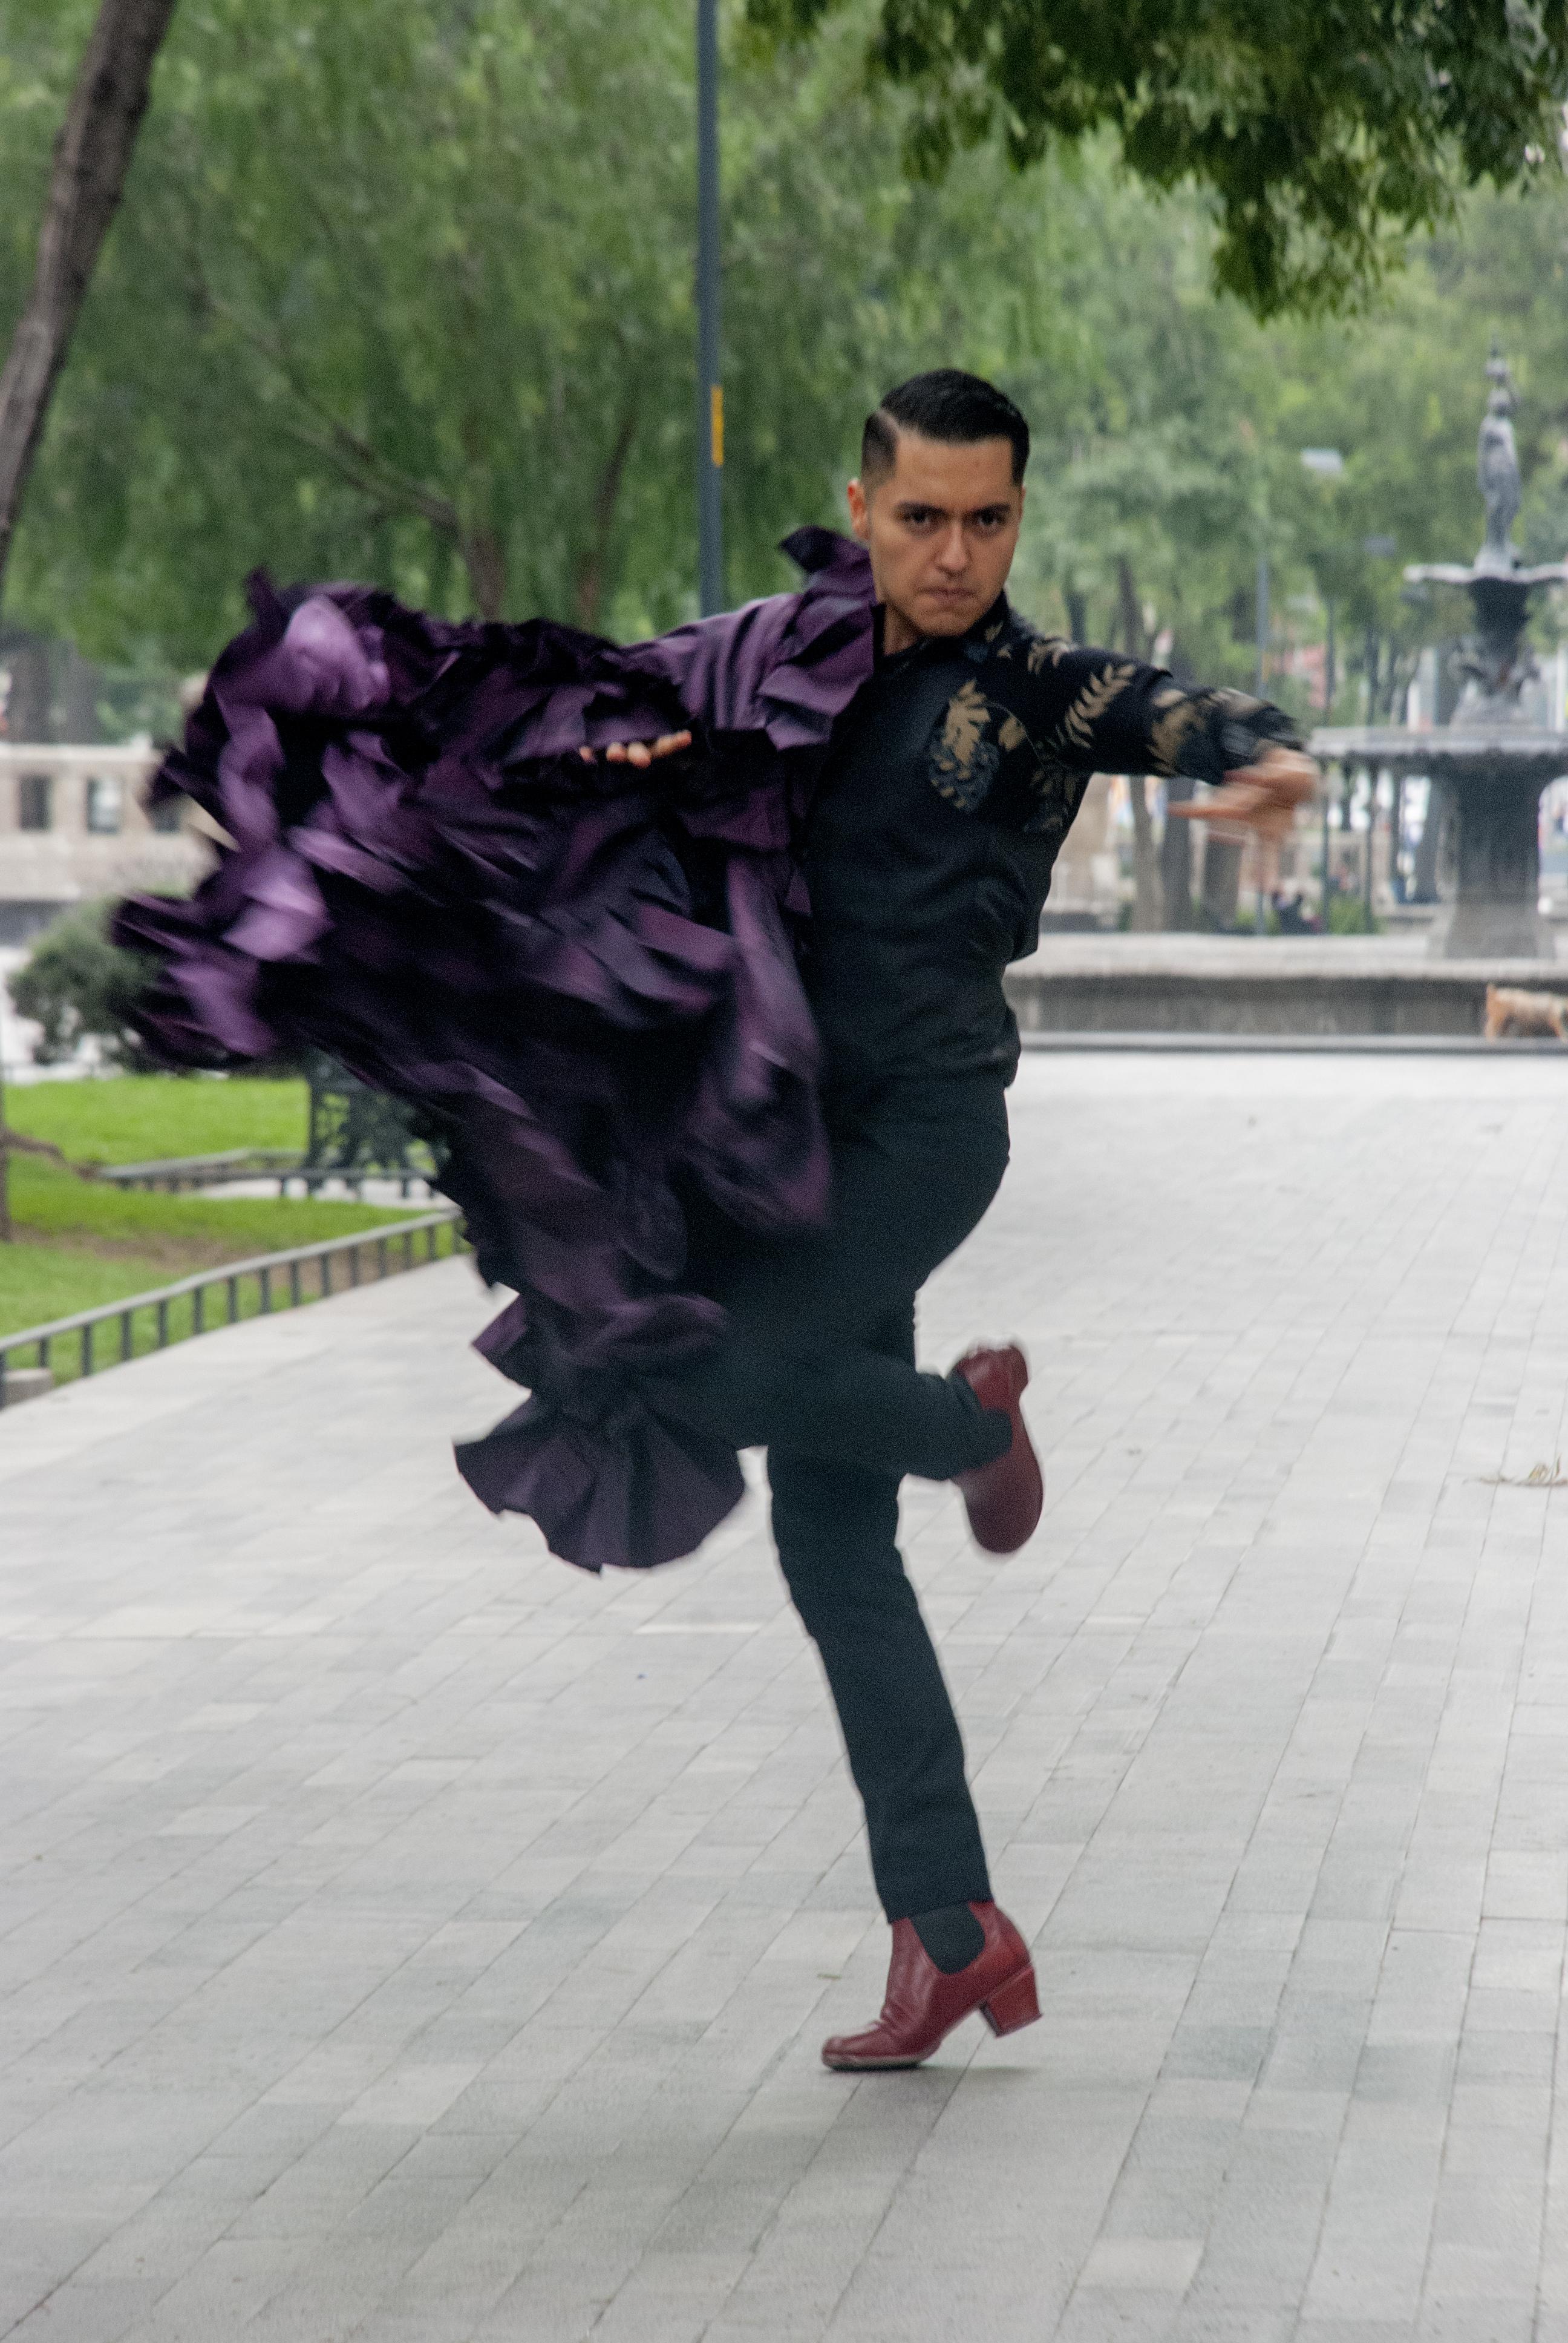 Brandon Lugo